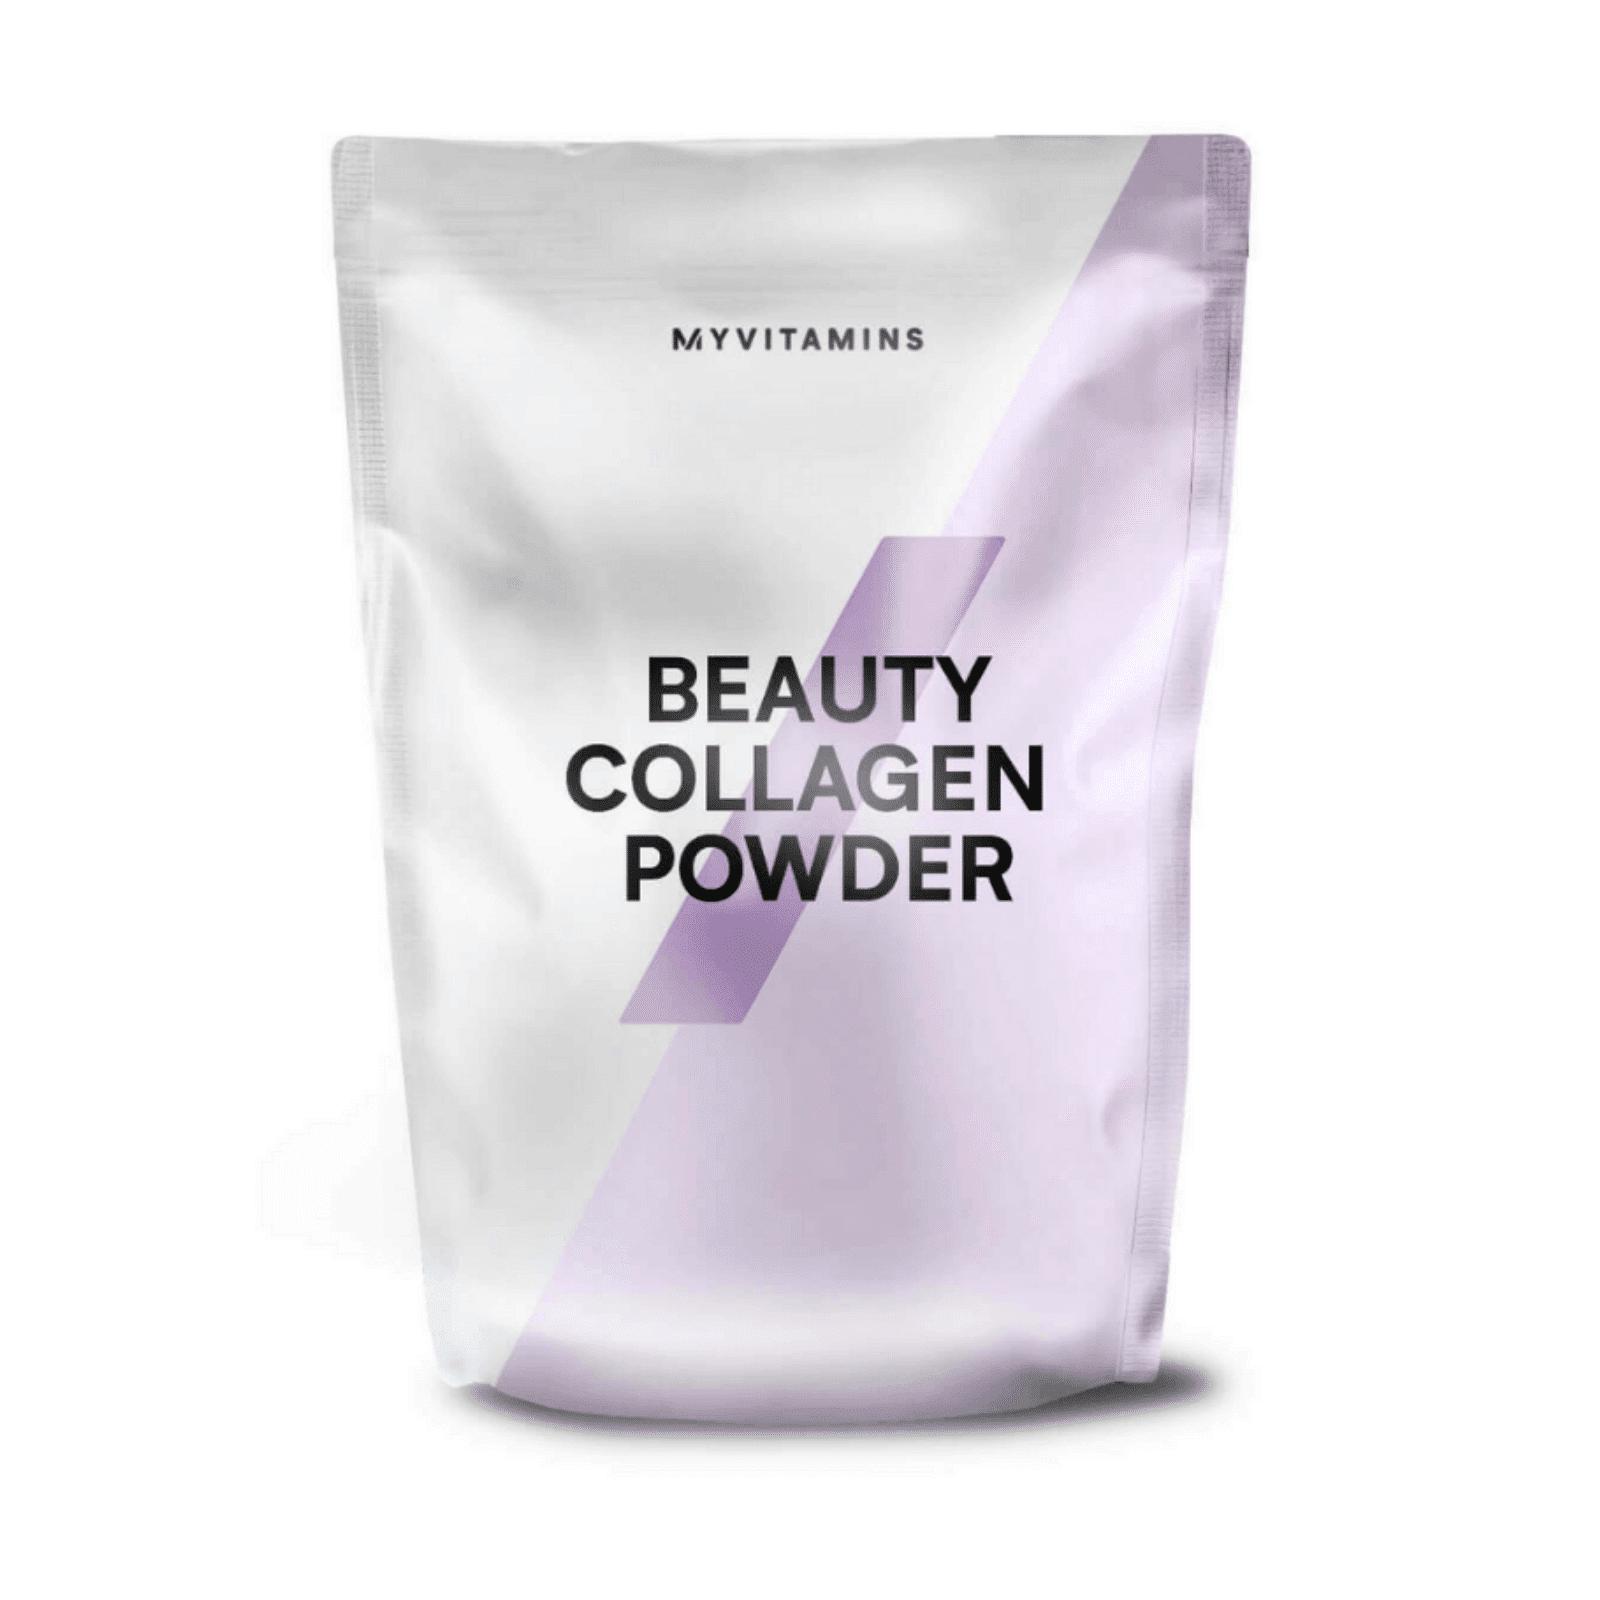 Myvitamins Beauty Collagen Powder - 360g - Lemon